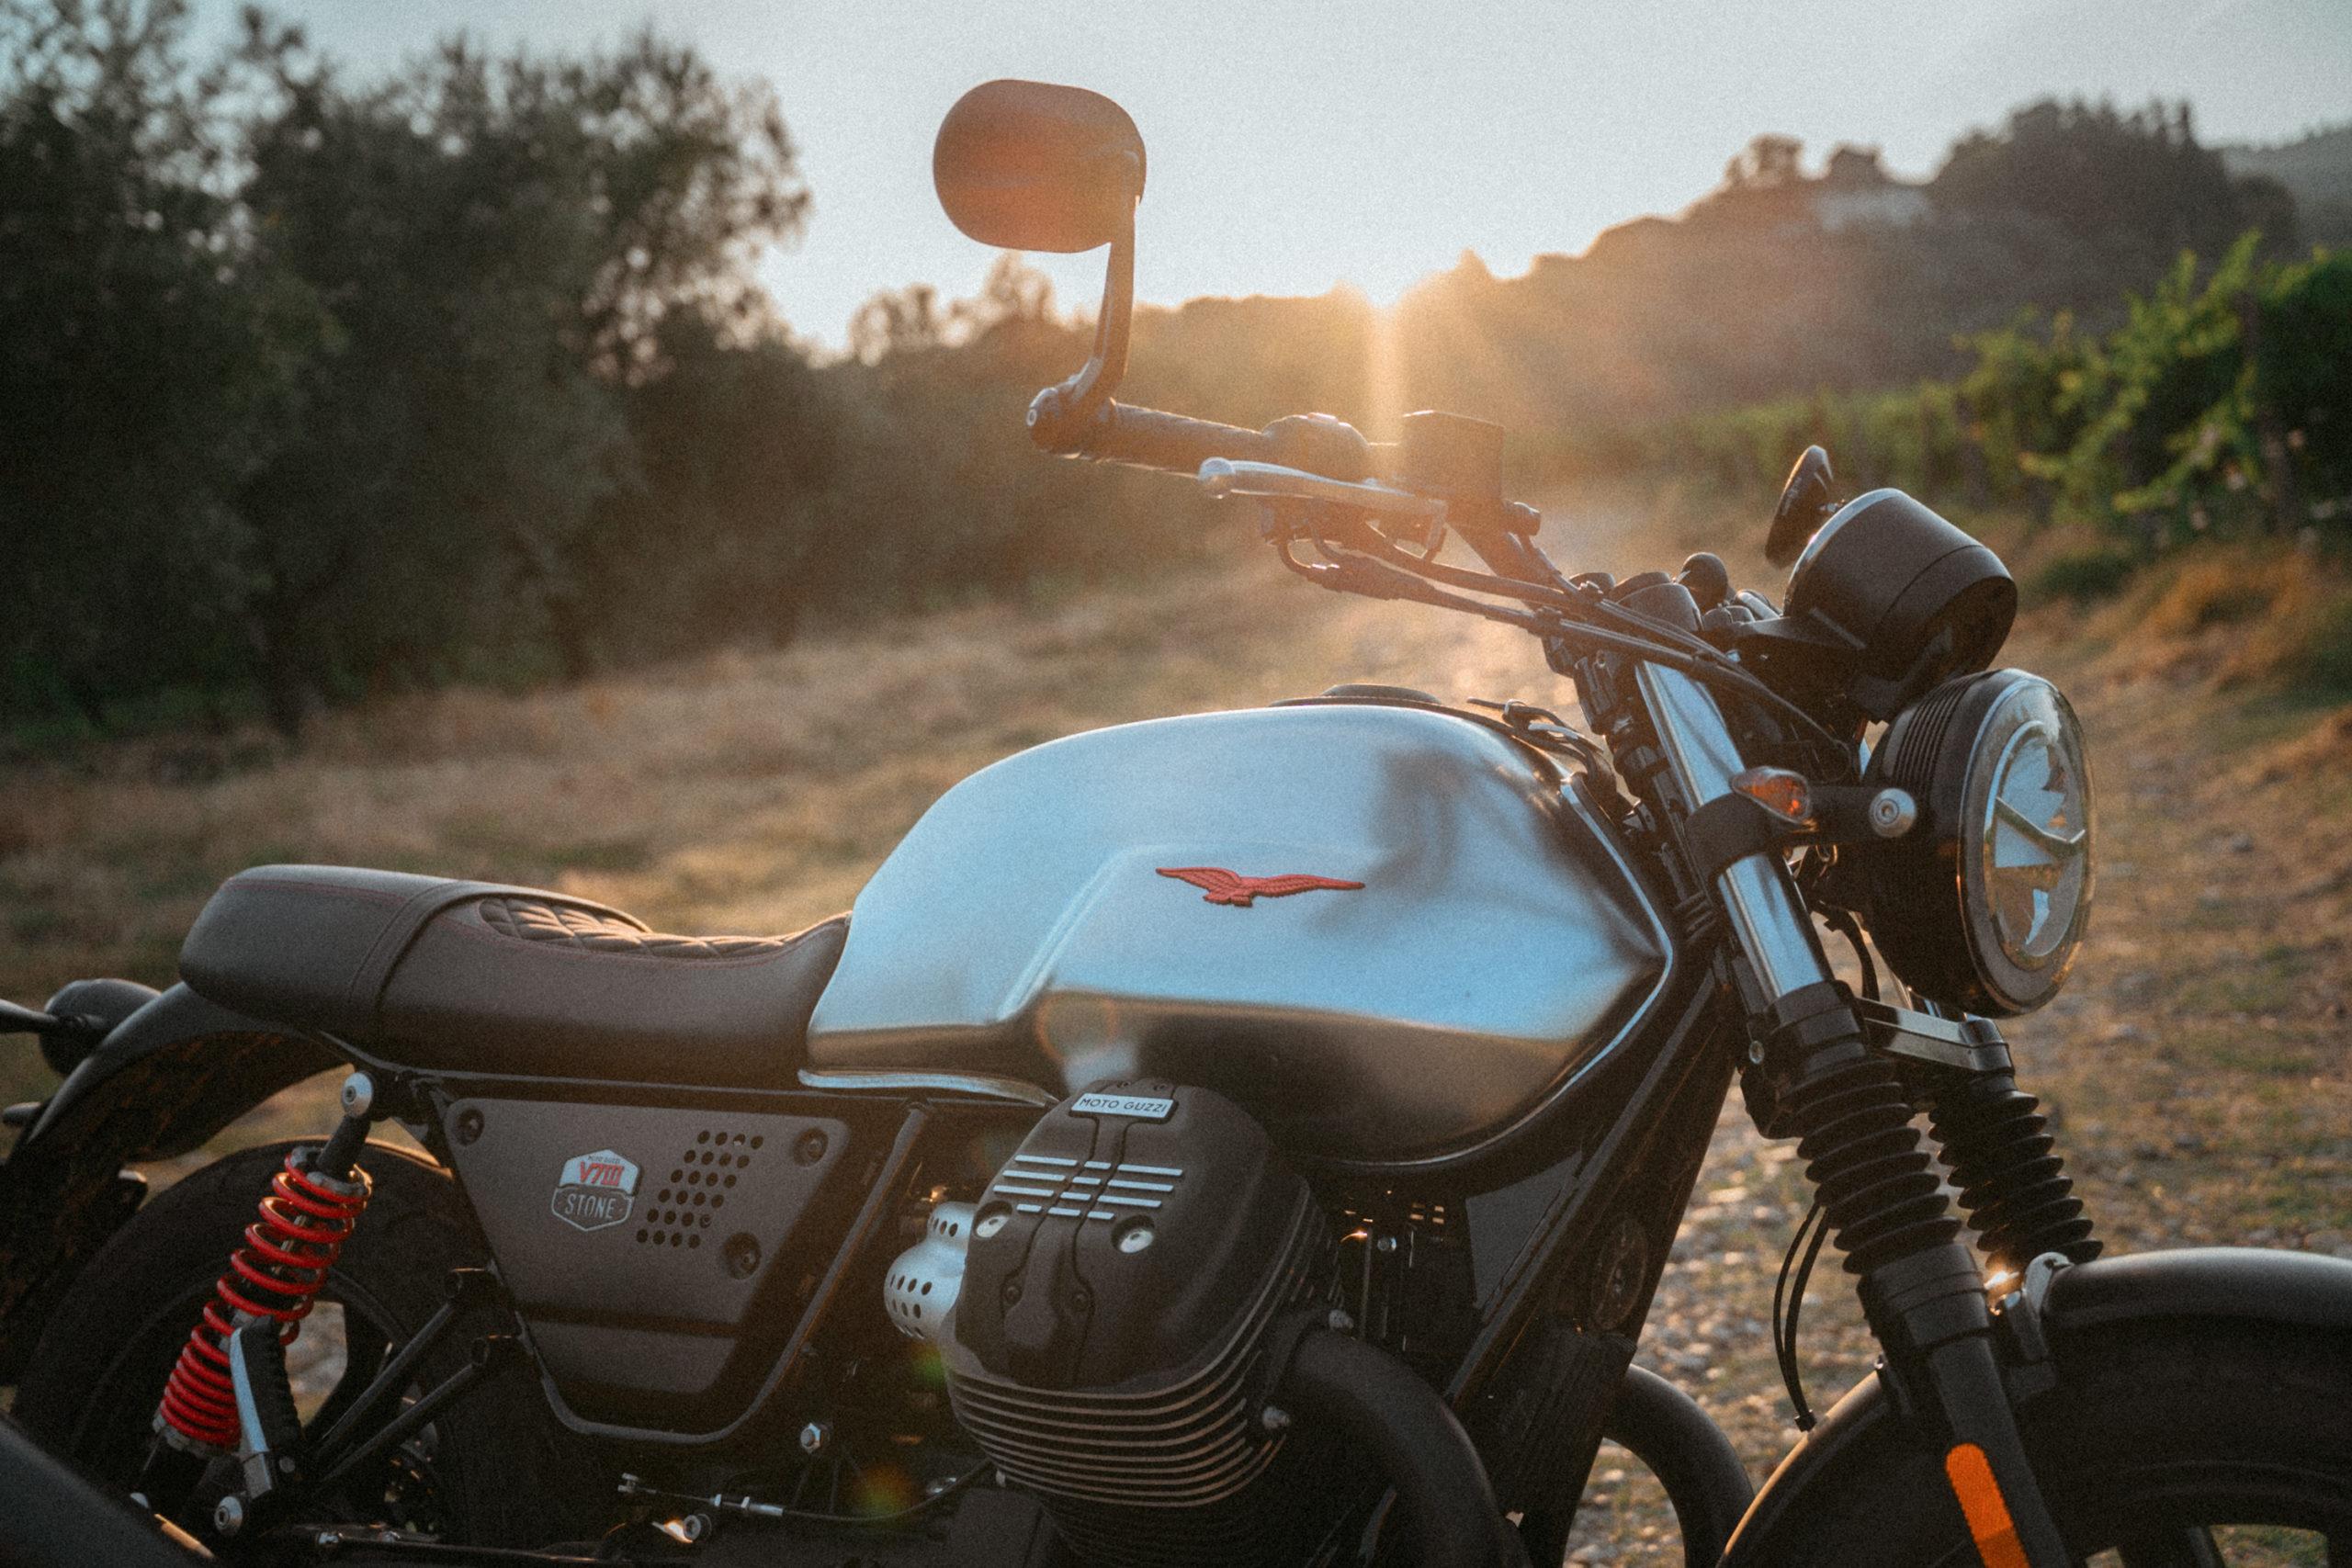 Moto Guzzi V7 III S Stone Rough